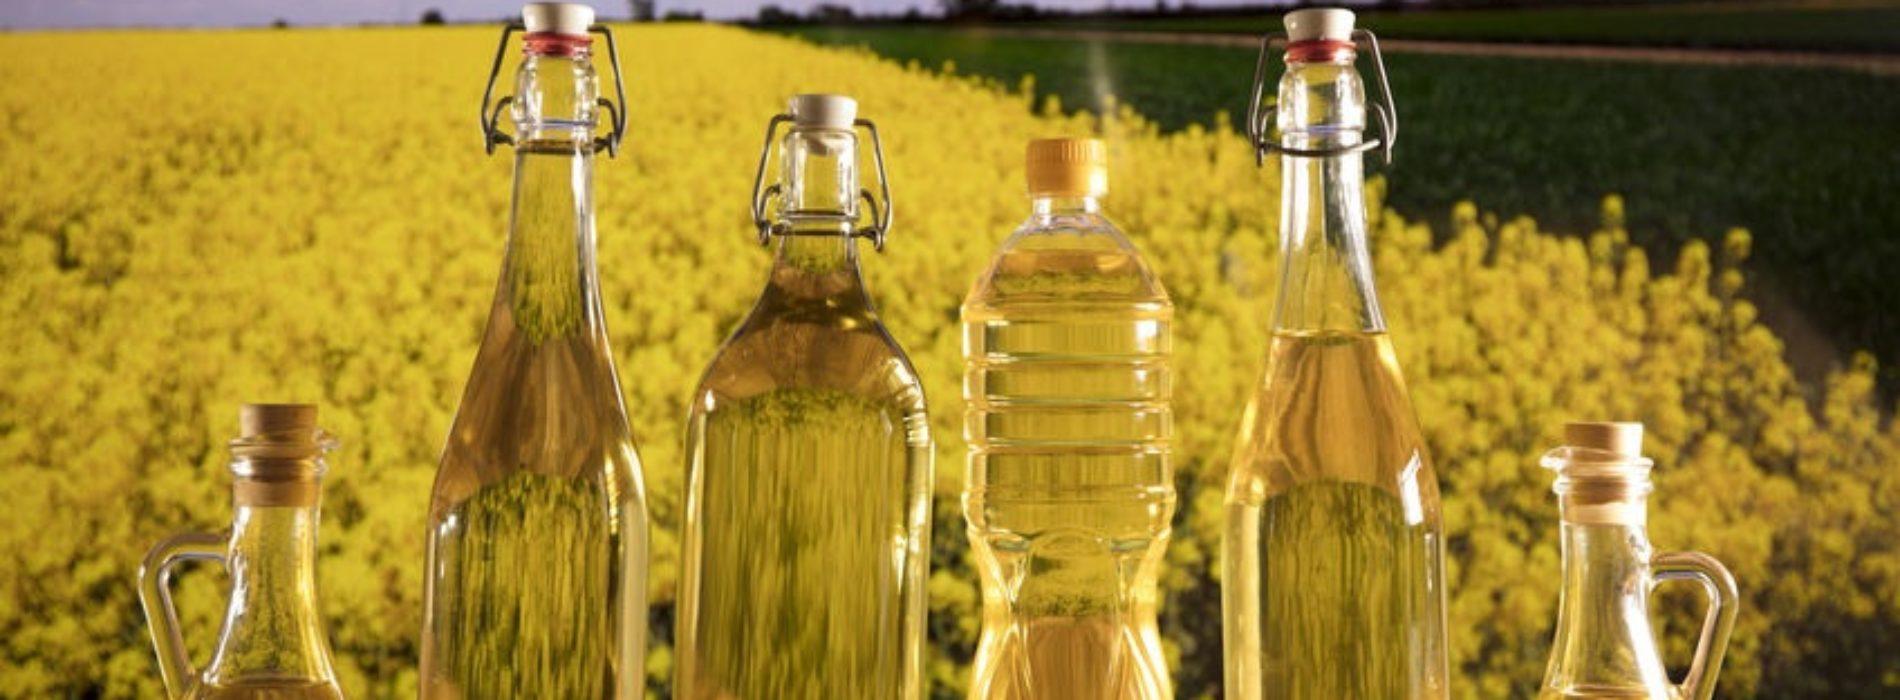 Olej rzepakowy – Tłoczony na zimno, właściwości i zastosowanie